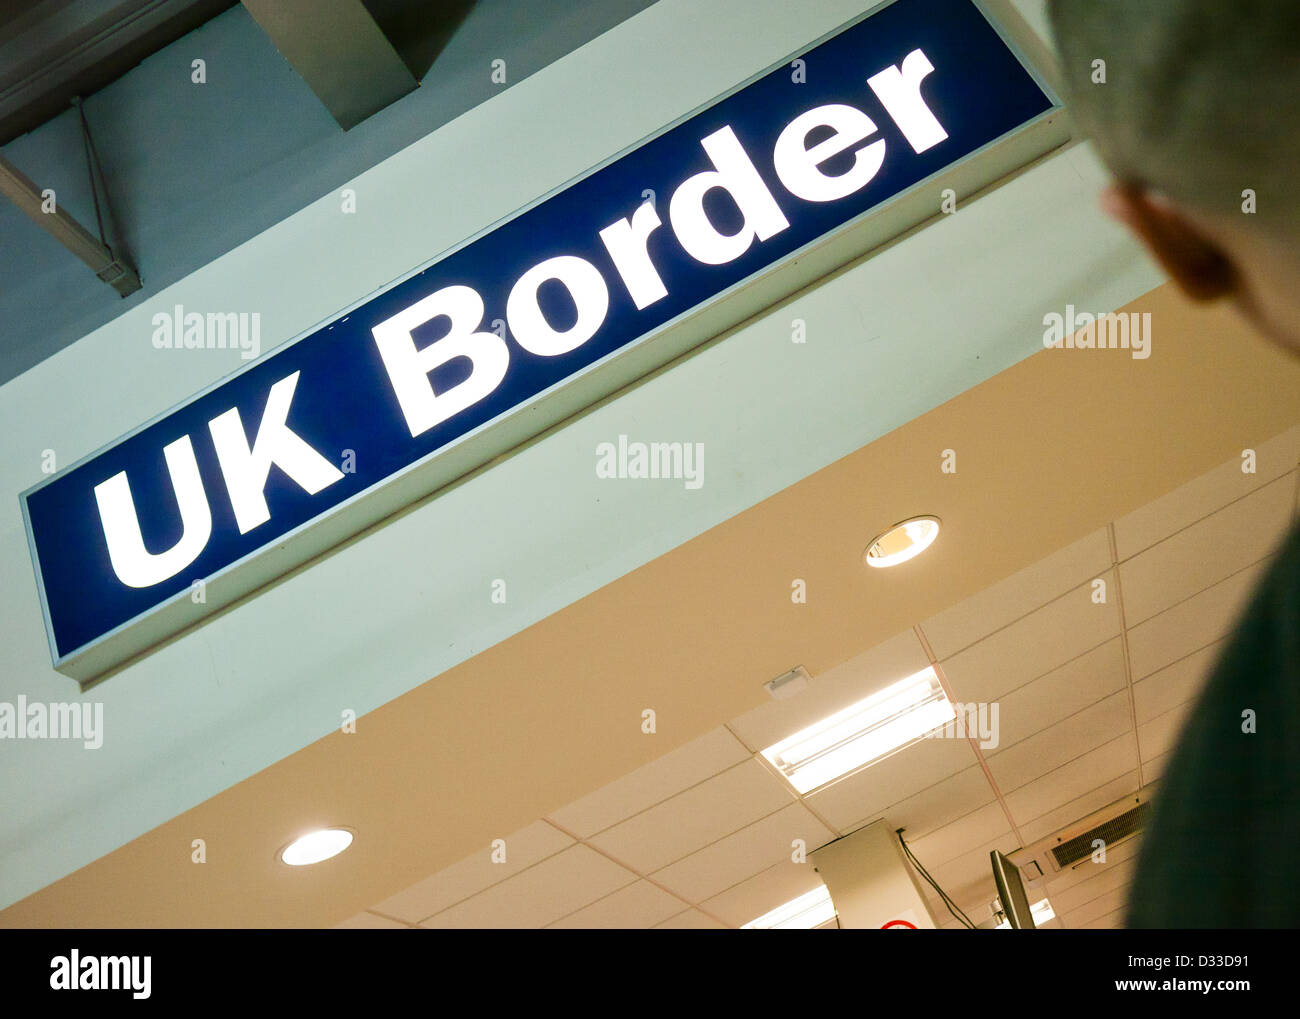 UK Border Agency signe de contrôle dans un aéroport en Grande-Bretagne Photo Stock